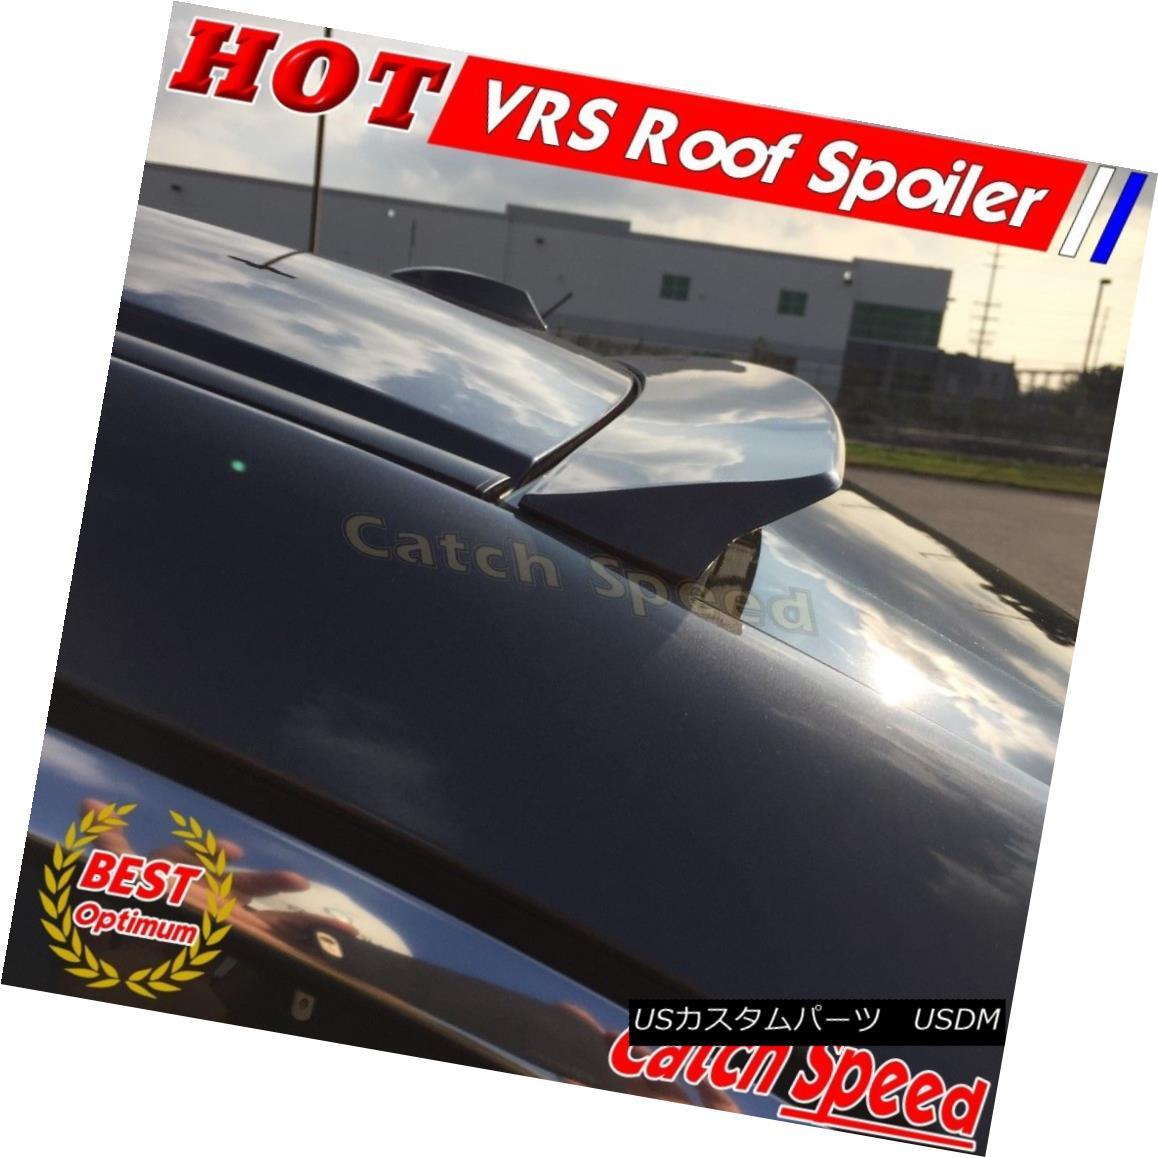 エアロパーツ Flat Black VRS Style Rear Roof Spoiler Wing For Cadillac XTS Sedan 2013-2016 キャデラックXTSセダン2013-2016のフラットブラックVRSスタイルリアルーフスポイラーウイング